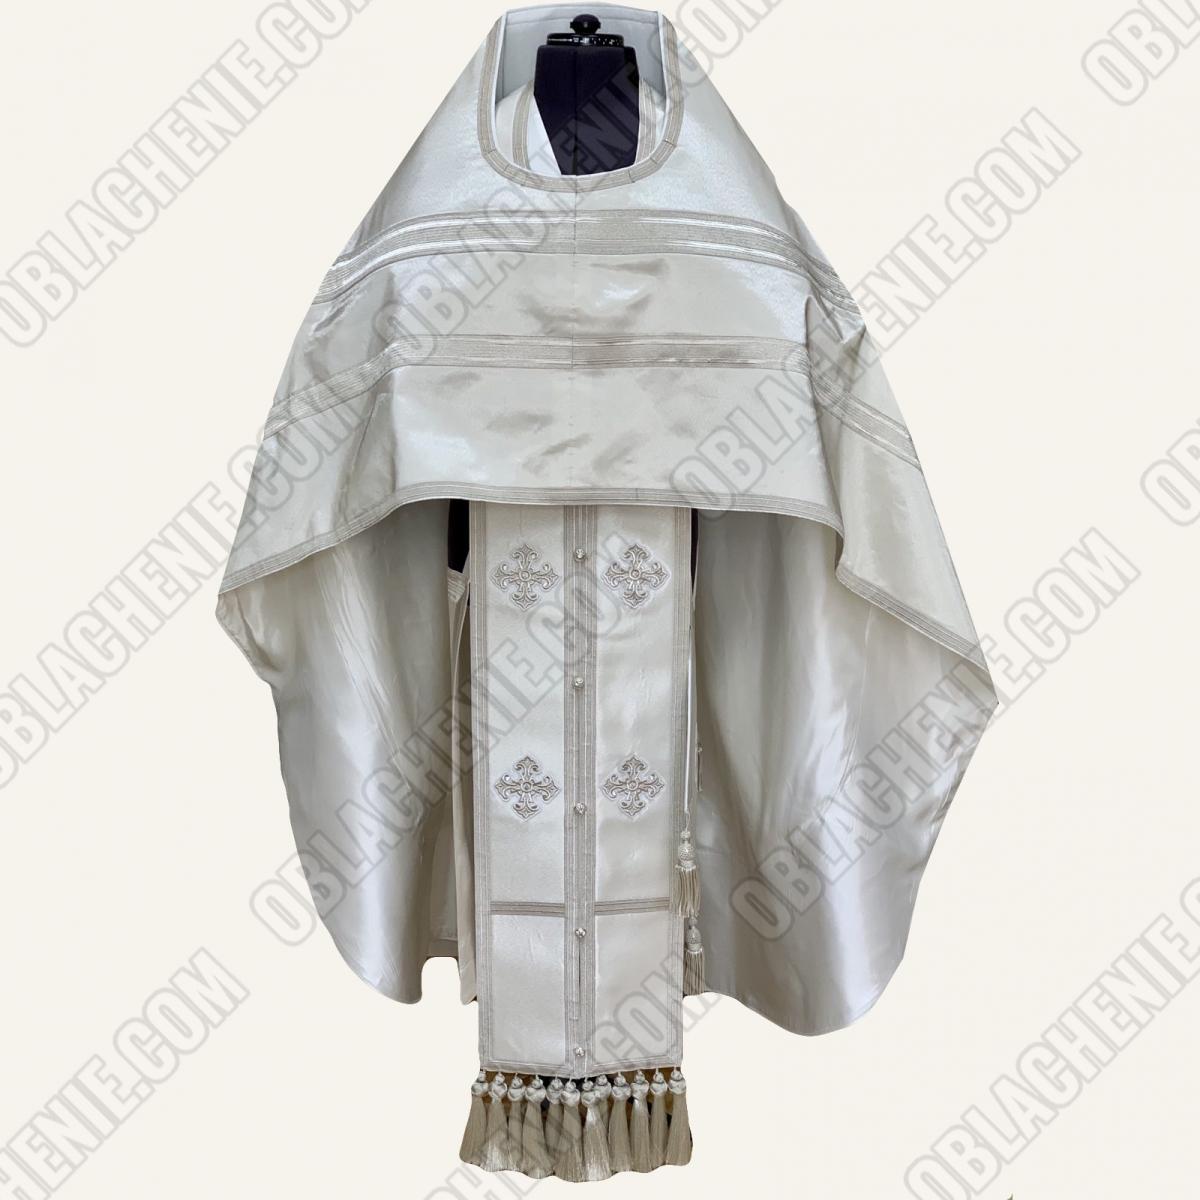 PRIEST'S VESTMENTS 11574